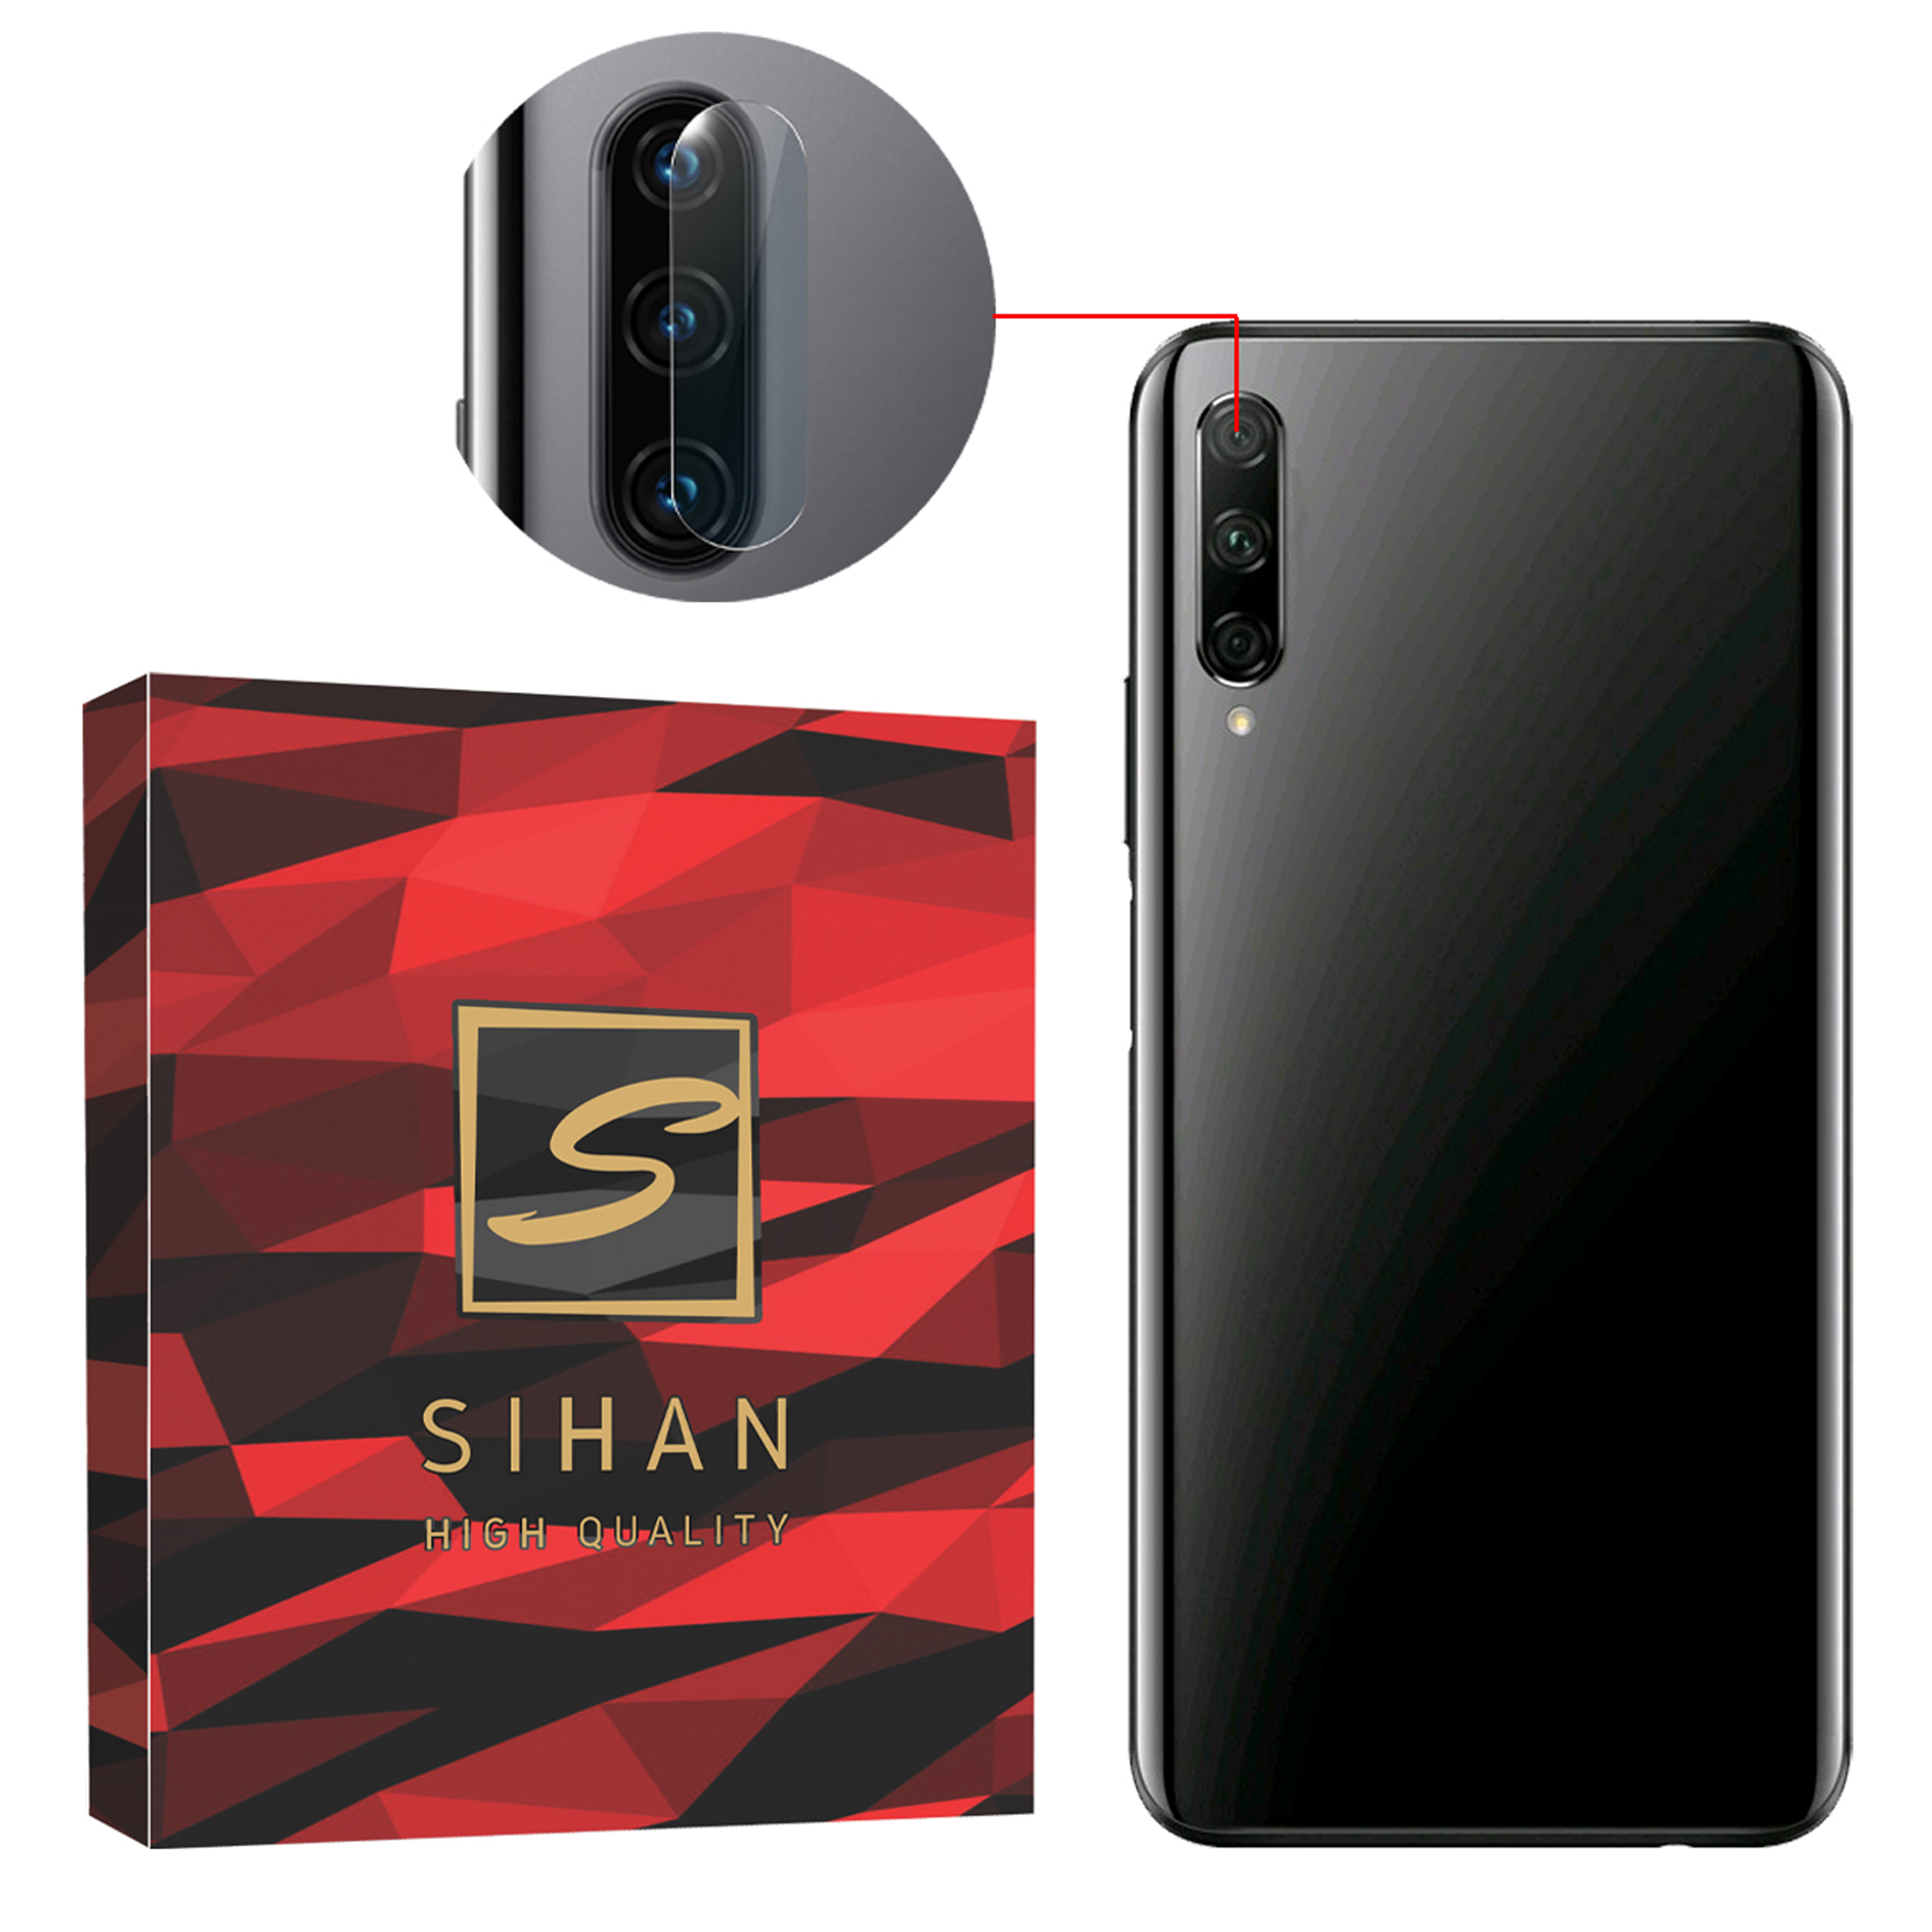 محافظ لنز دوربین سیحان مدل GLP مناسب برای گوشی موبایل هوآوی Y7P              ( قیمت و خرید)